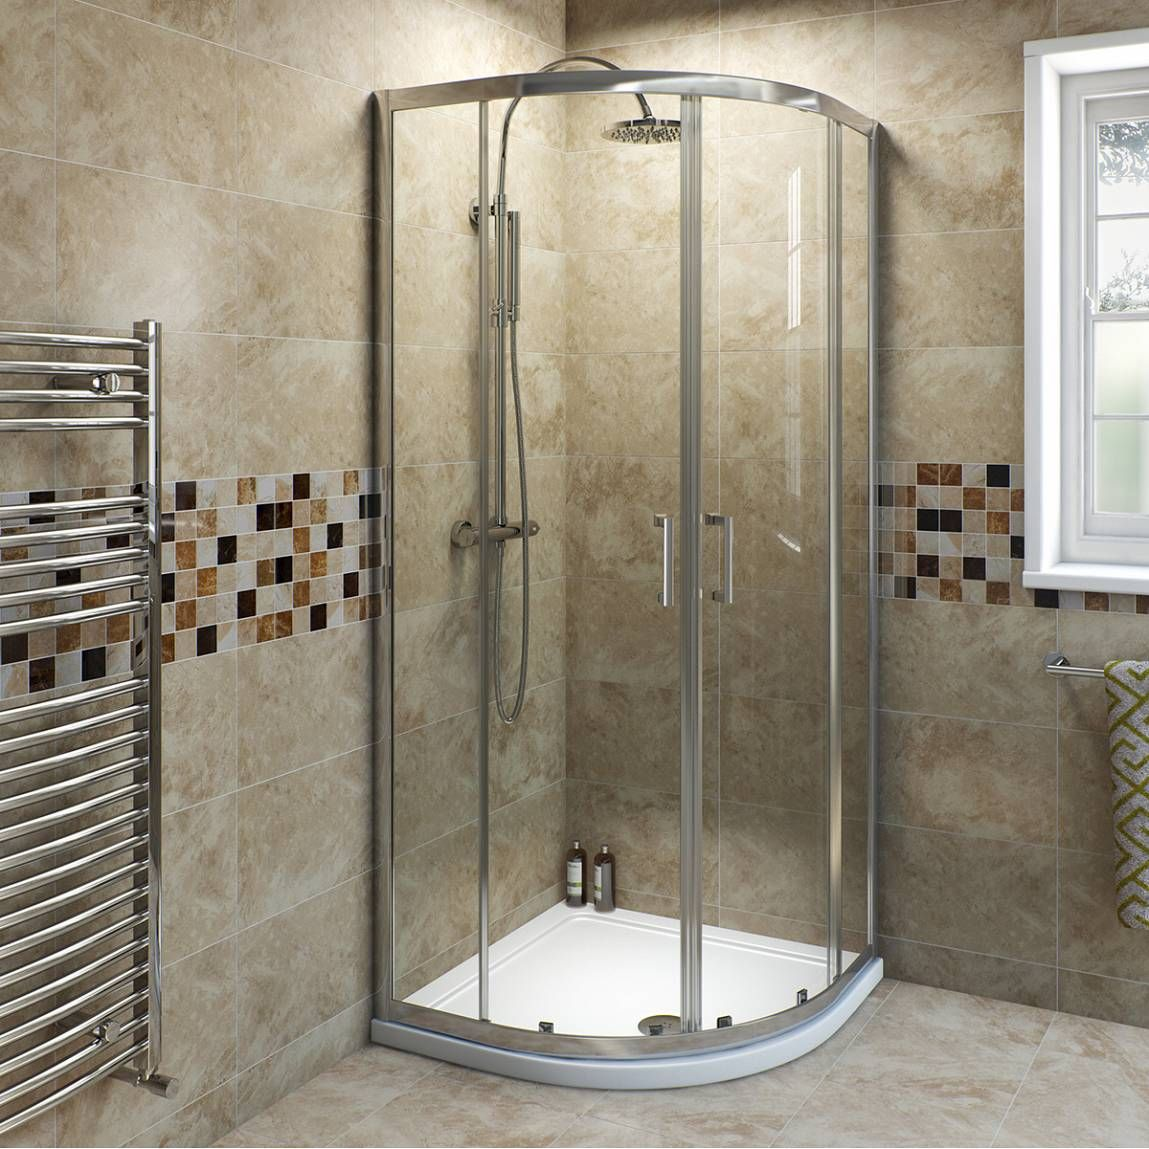 V6 quadrant shower enclosure 800 ideas for the ensuite shower enclosure bathroom shower for Bathroom shower enclosures ideas